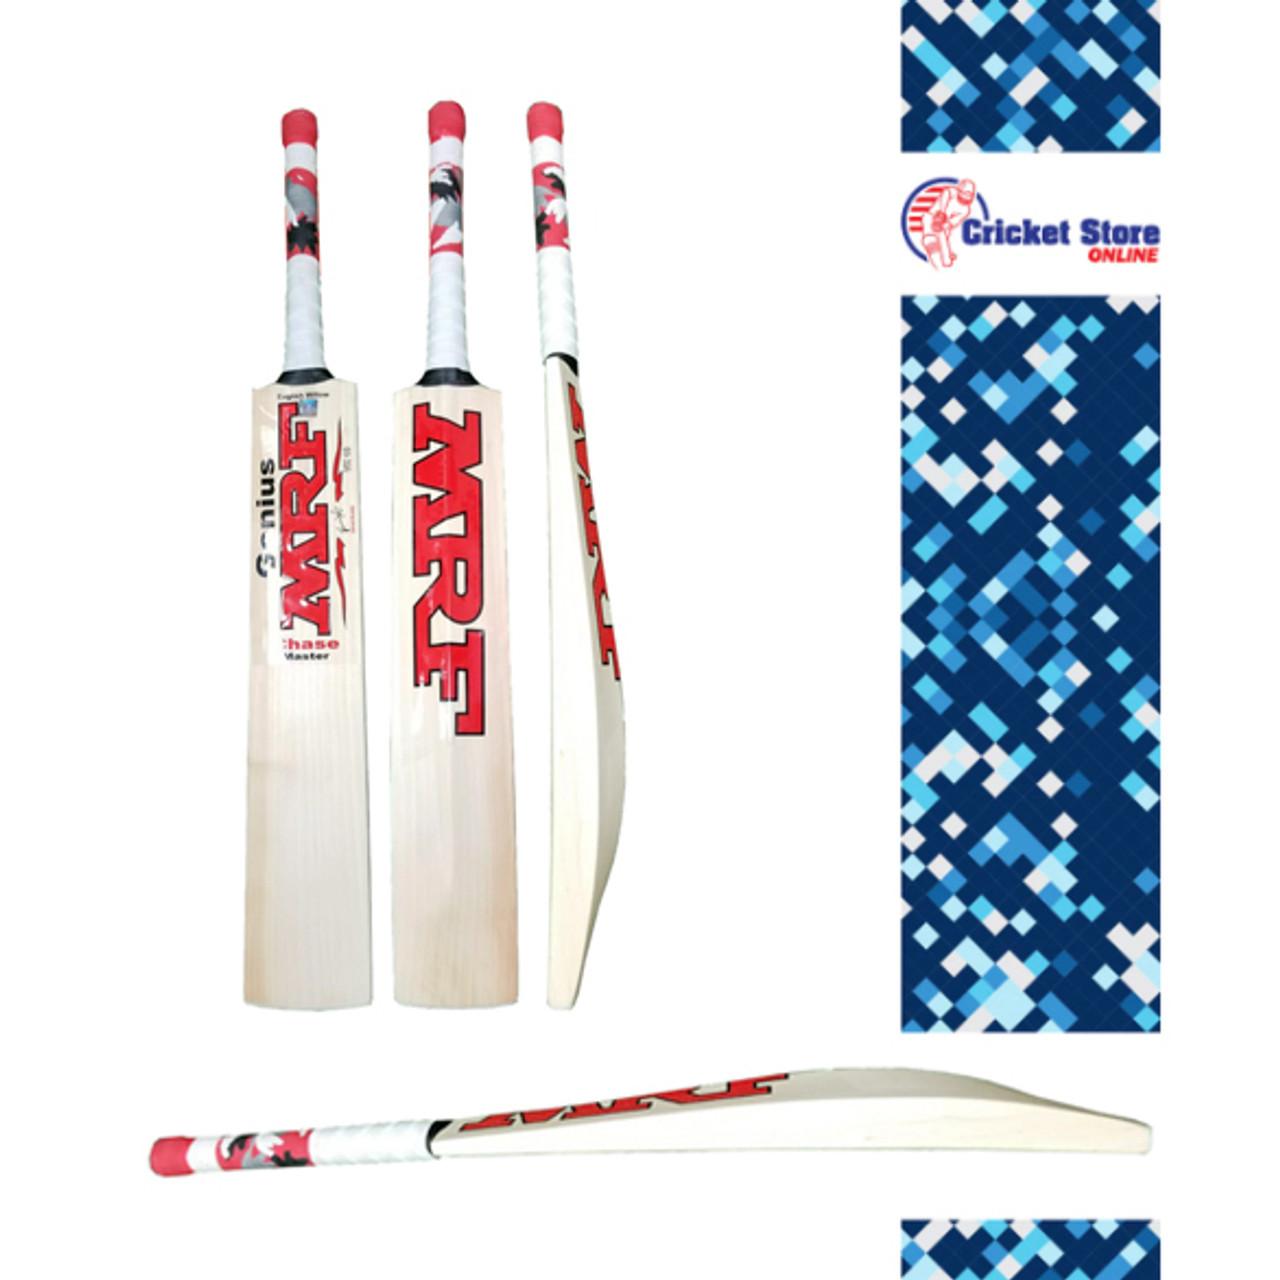 MRF Cricket Bats 2020